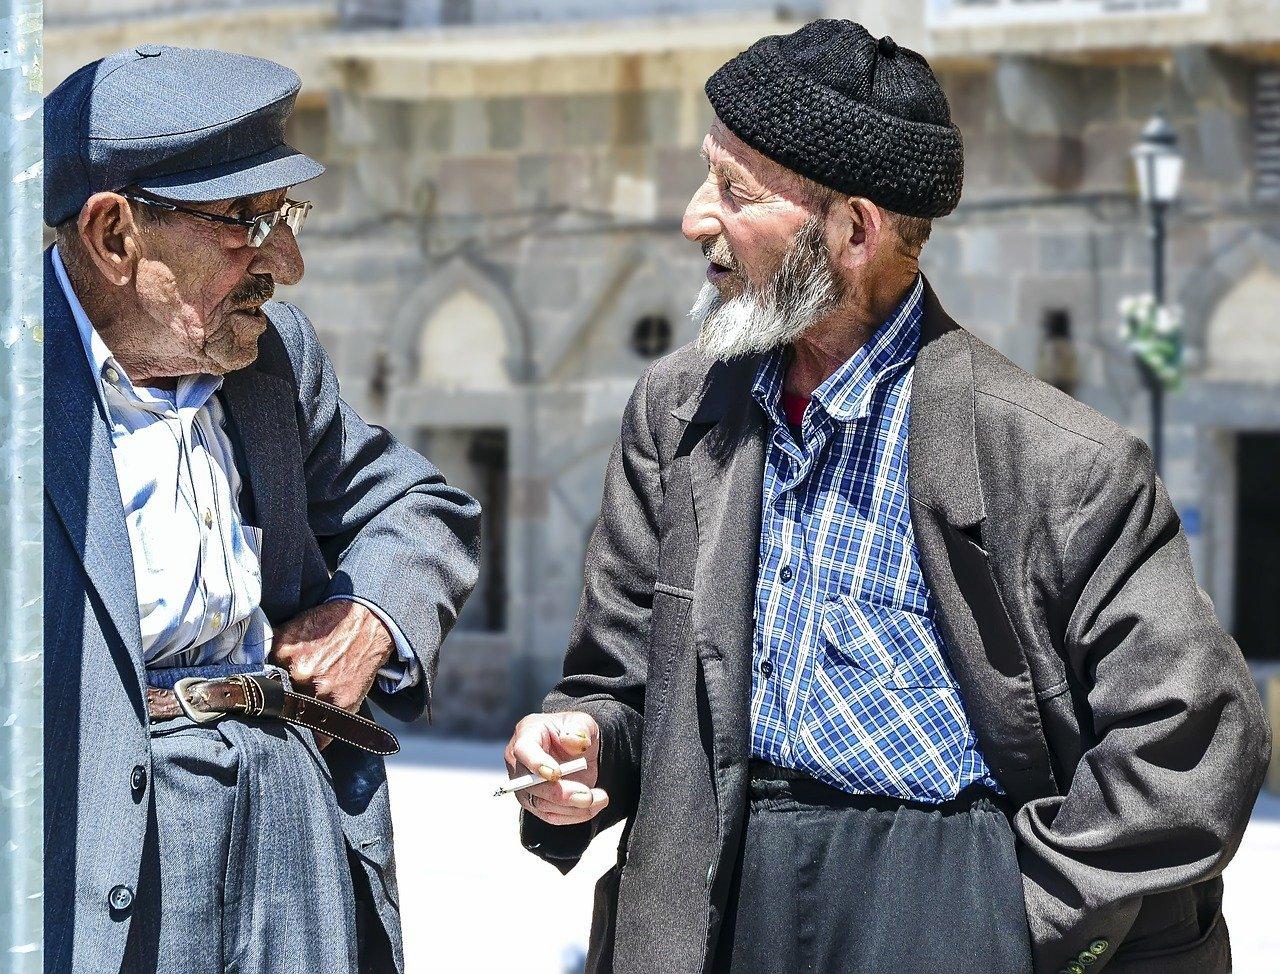 old-man-1739154_12801